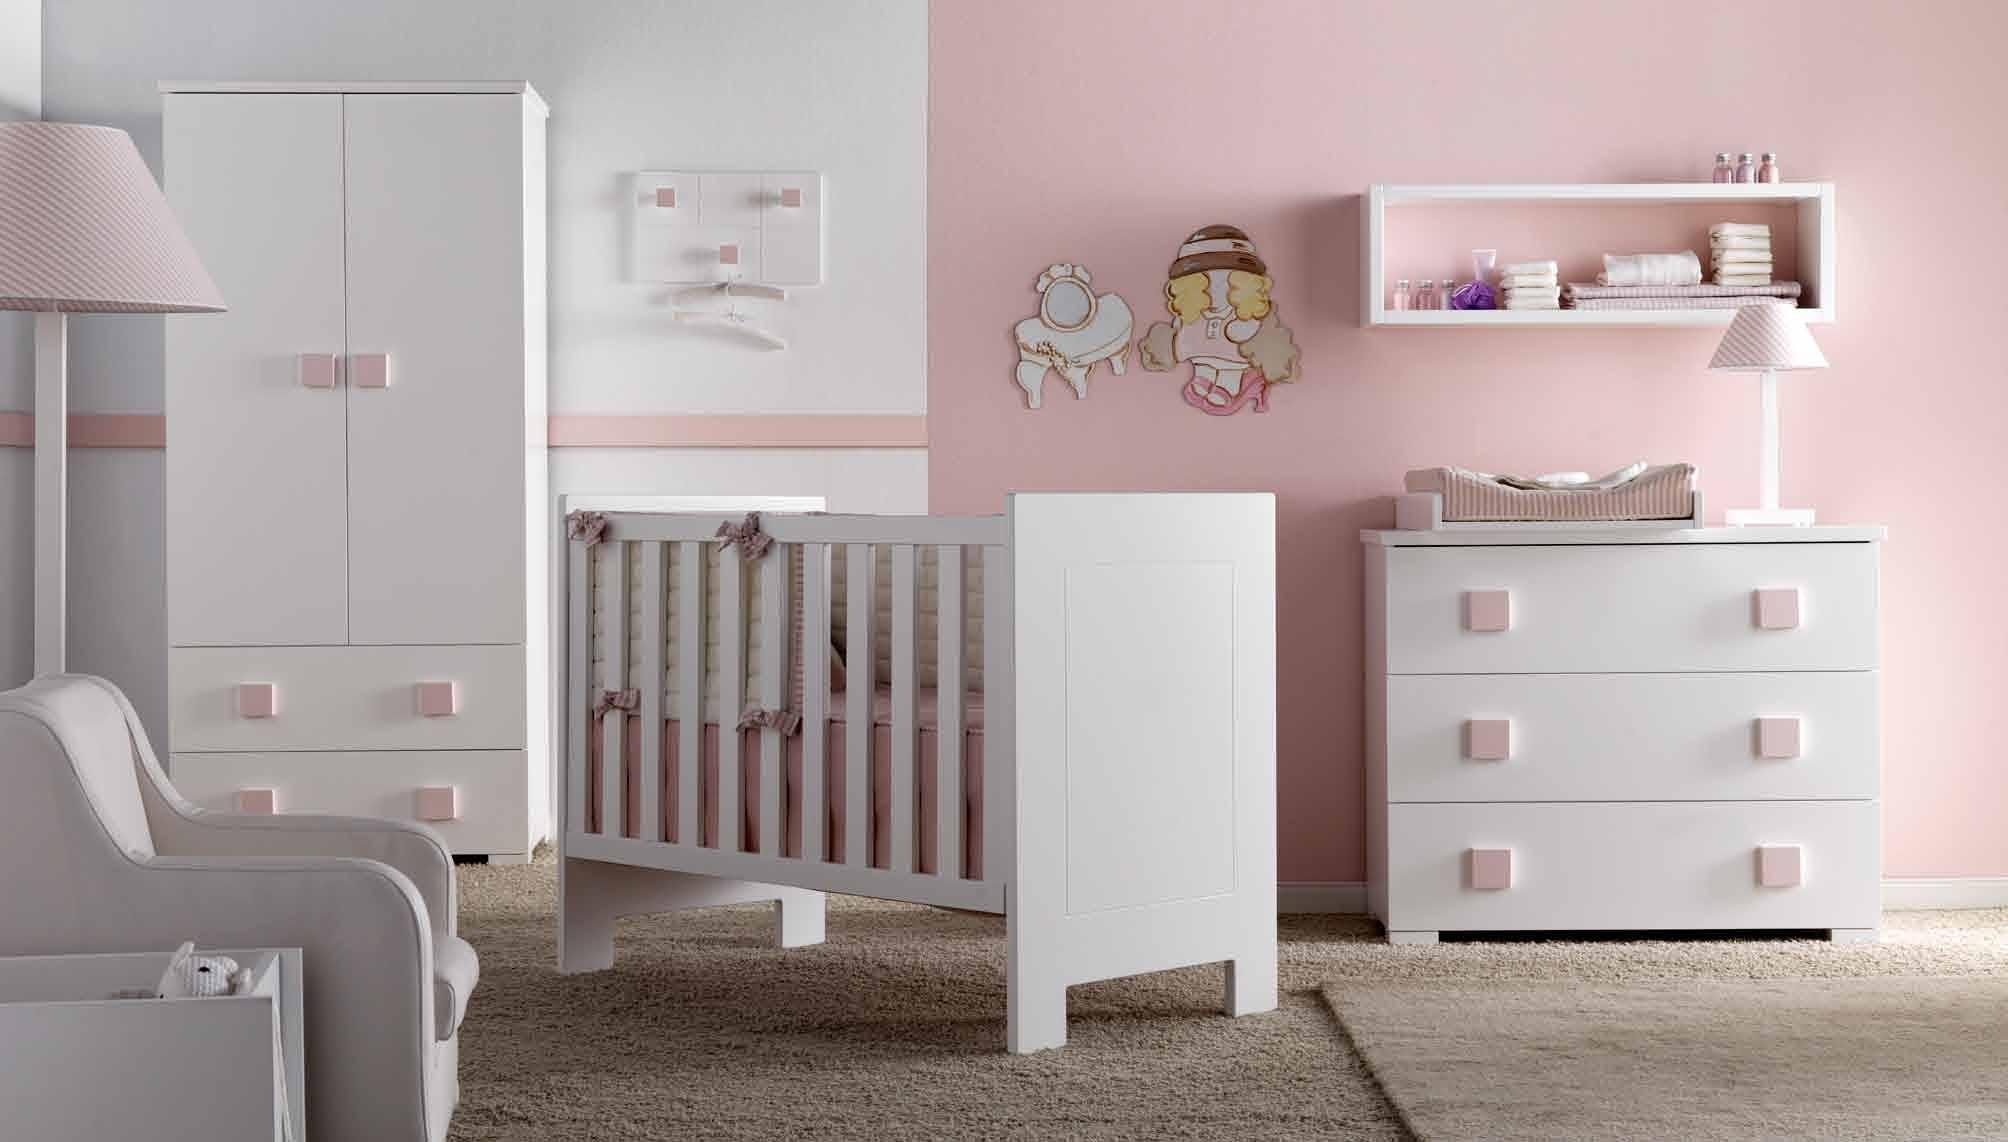 Dulces dormitorios de beb villalba interiorismo - Dormitorio para bebe ...